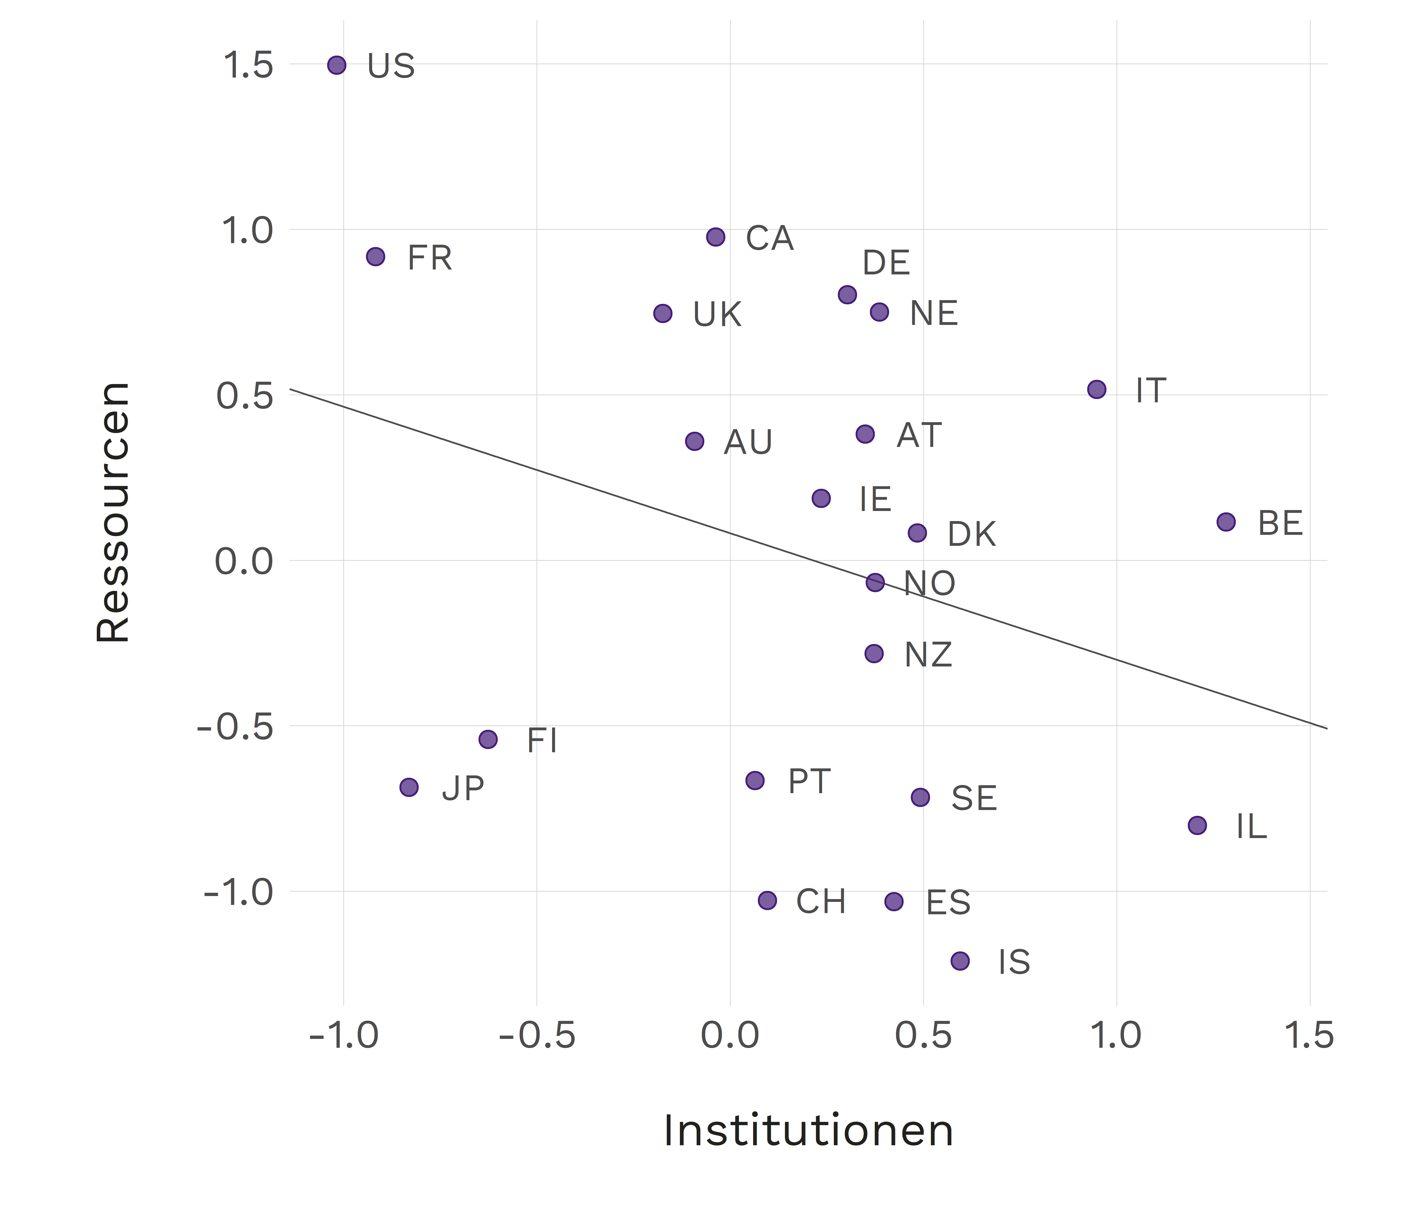 Die beiden Schweizer Parlamentskammern sind vergleichsweise schlecht ausgestattet. Nur die Parlamente in Spanien und Island haben ähnlich wenig Geldmittel und Personelle Ressourcen. Im Vergleich: Australien (AU), Belgien (BE), Dänemark (DK), Deutschland (DE), Finnland (FI), Frankreich (FR), Grossbritannien (UK), Irland (IE), Island (IS), Israel (IL), Italien (IT), Japan (JP), Kanada (CA), Neuseeland (NZ), Niederlande (NE), Norwegen (NO), Österreich (AT), Portugal (PT), Schweden (SE), Schweiz (CH), Spanien (ES) und Vereinigte Staaten (US).